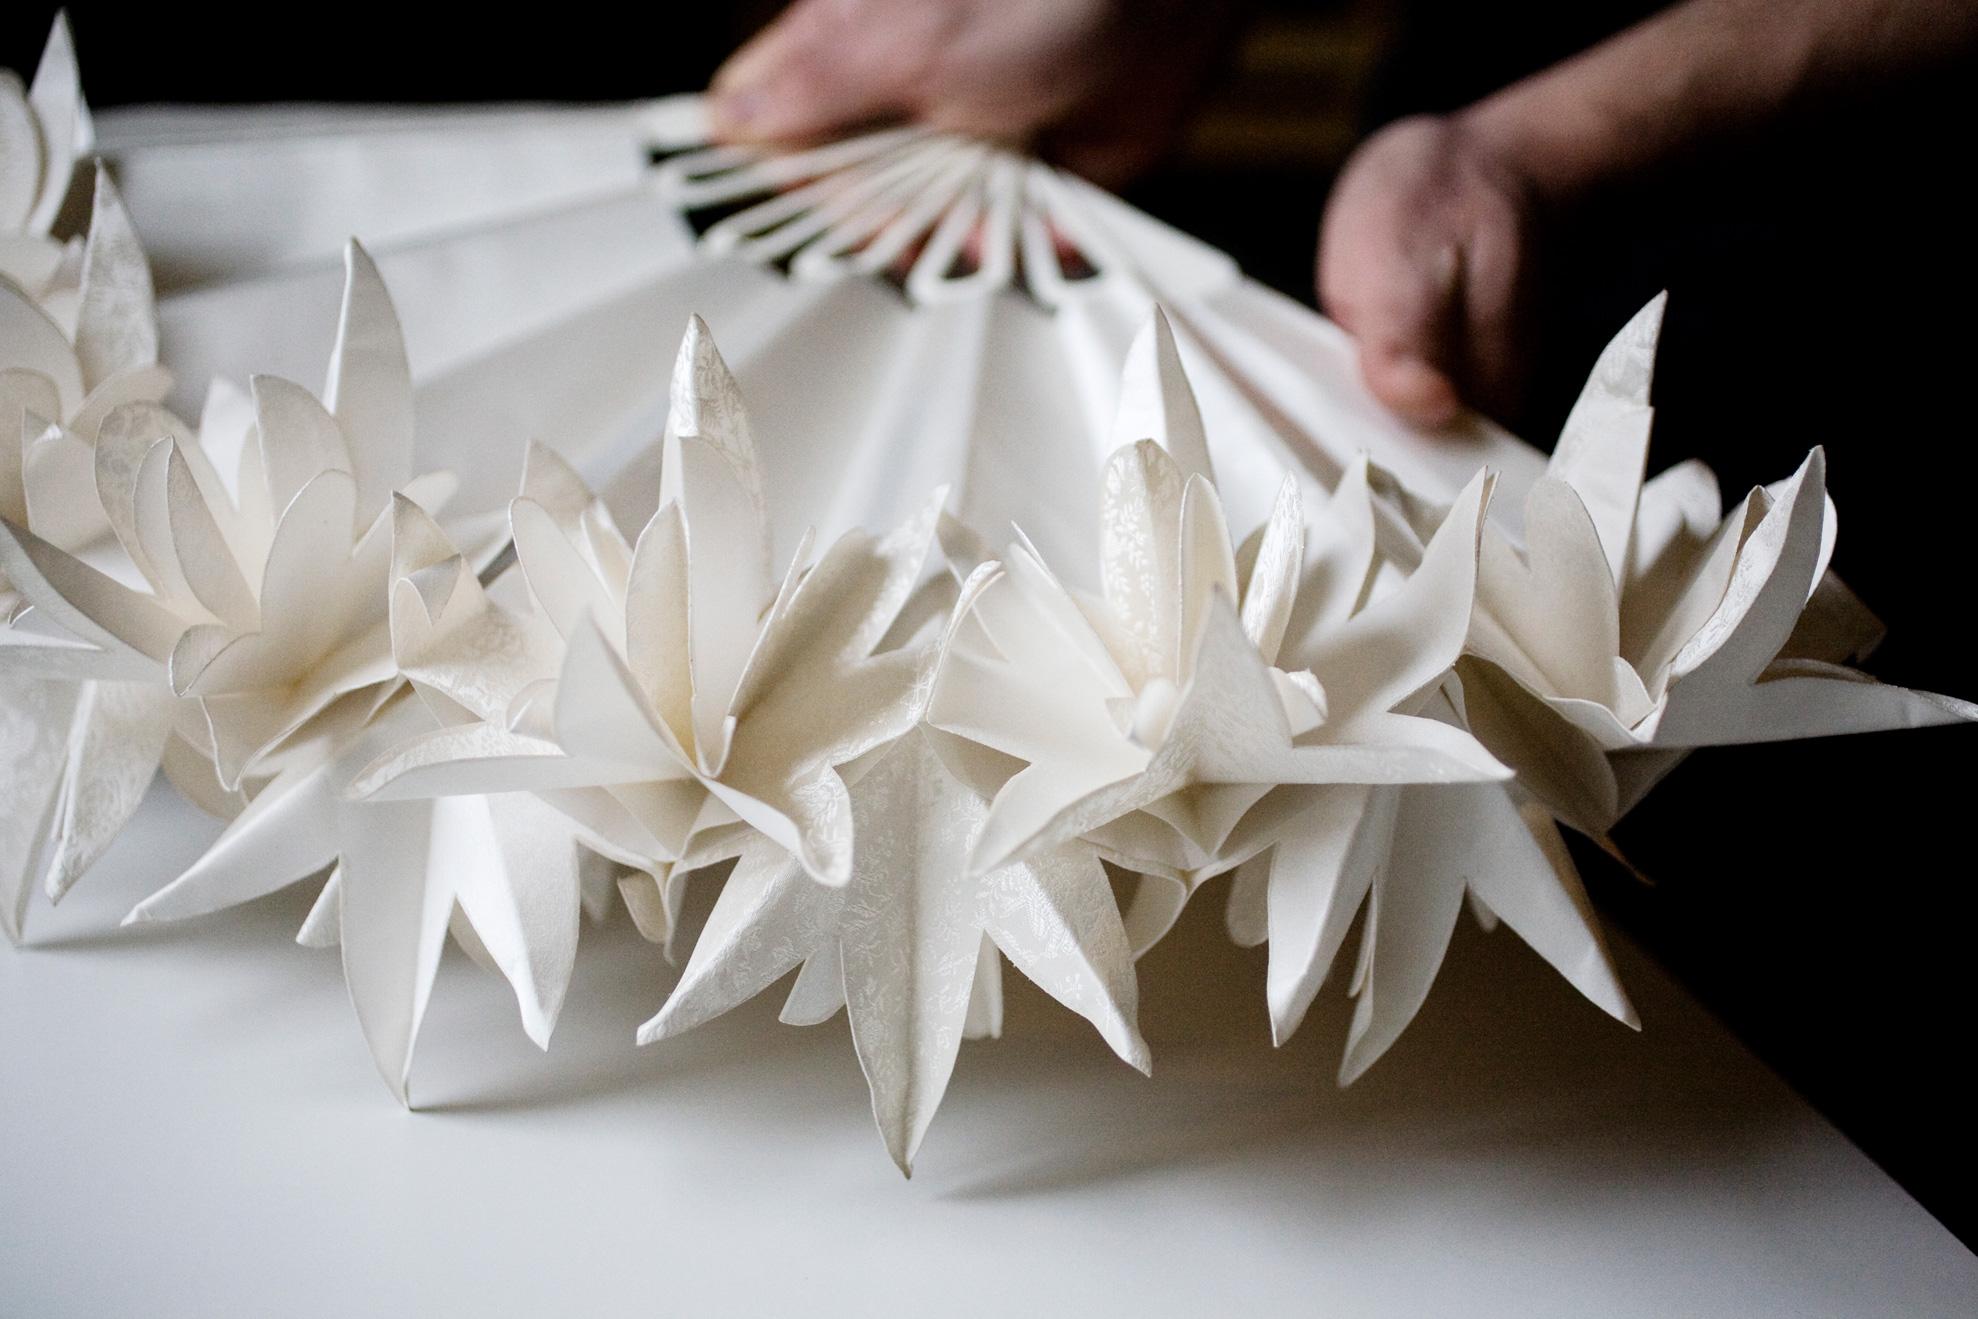 Éventailliste: un artisan d'art au savoir-faire méconnu